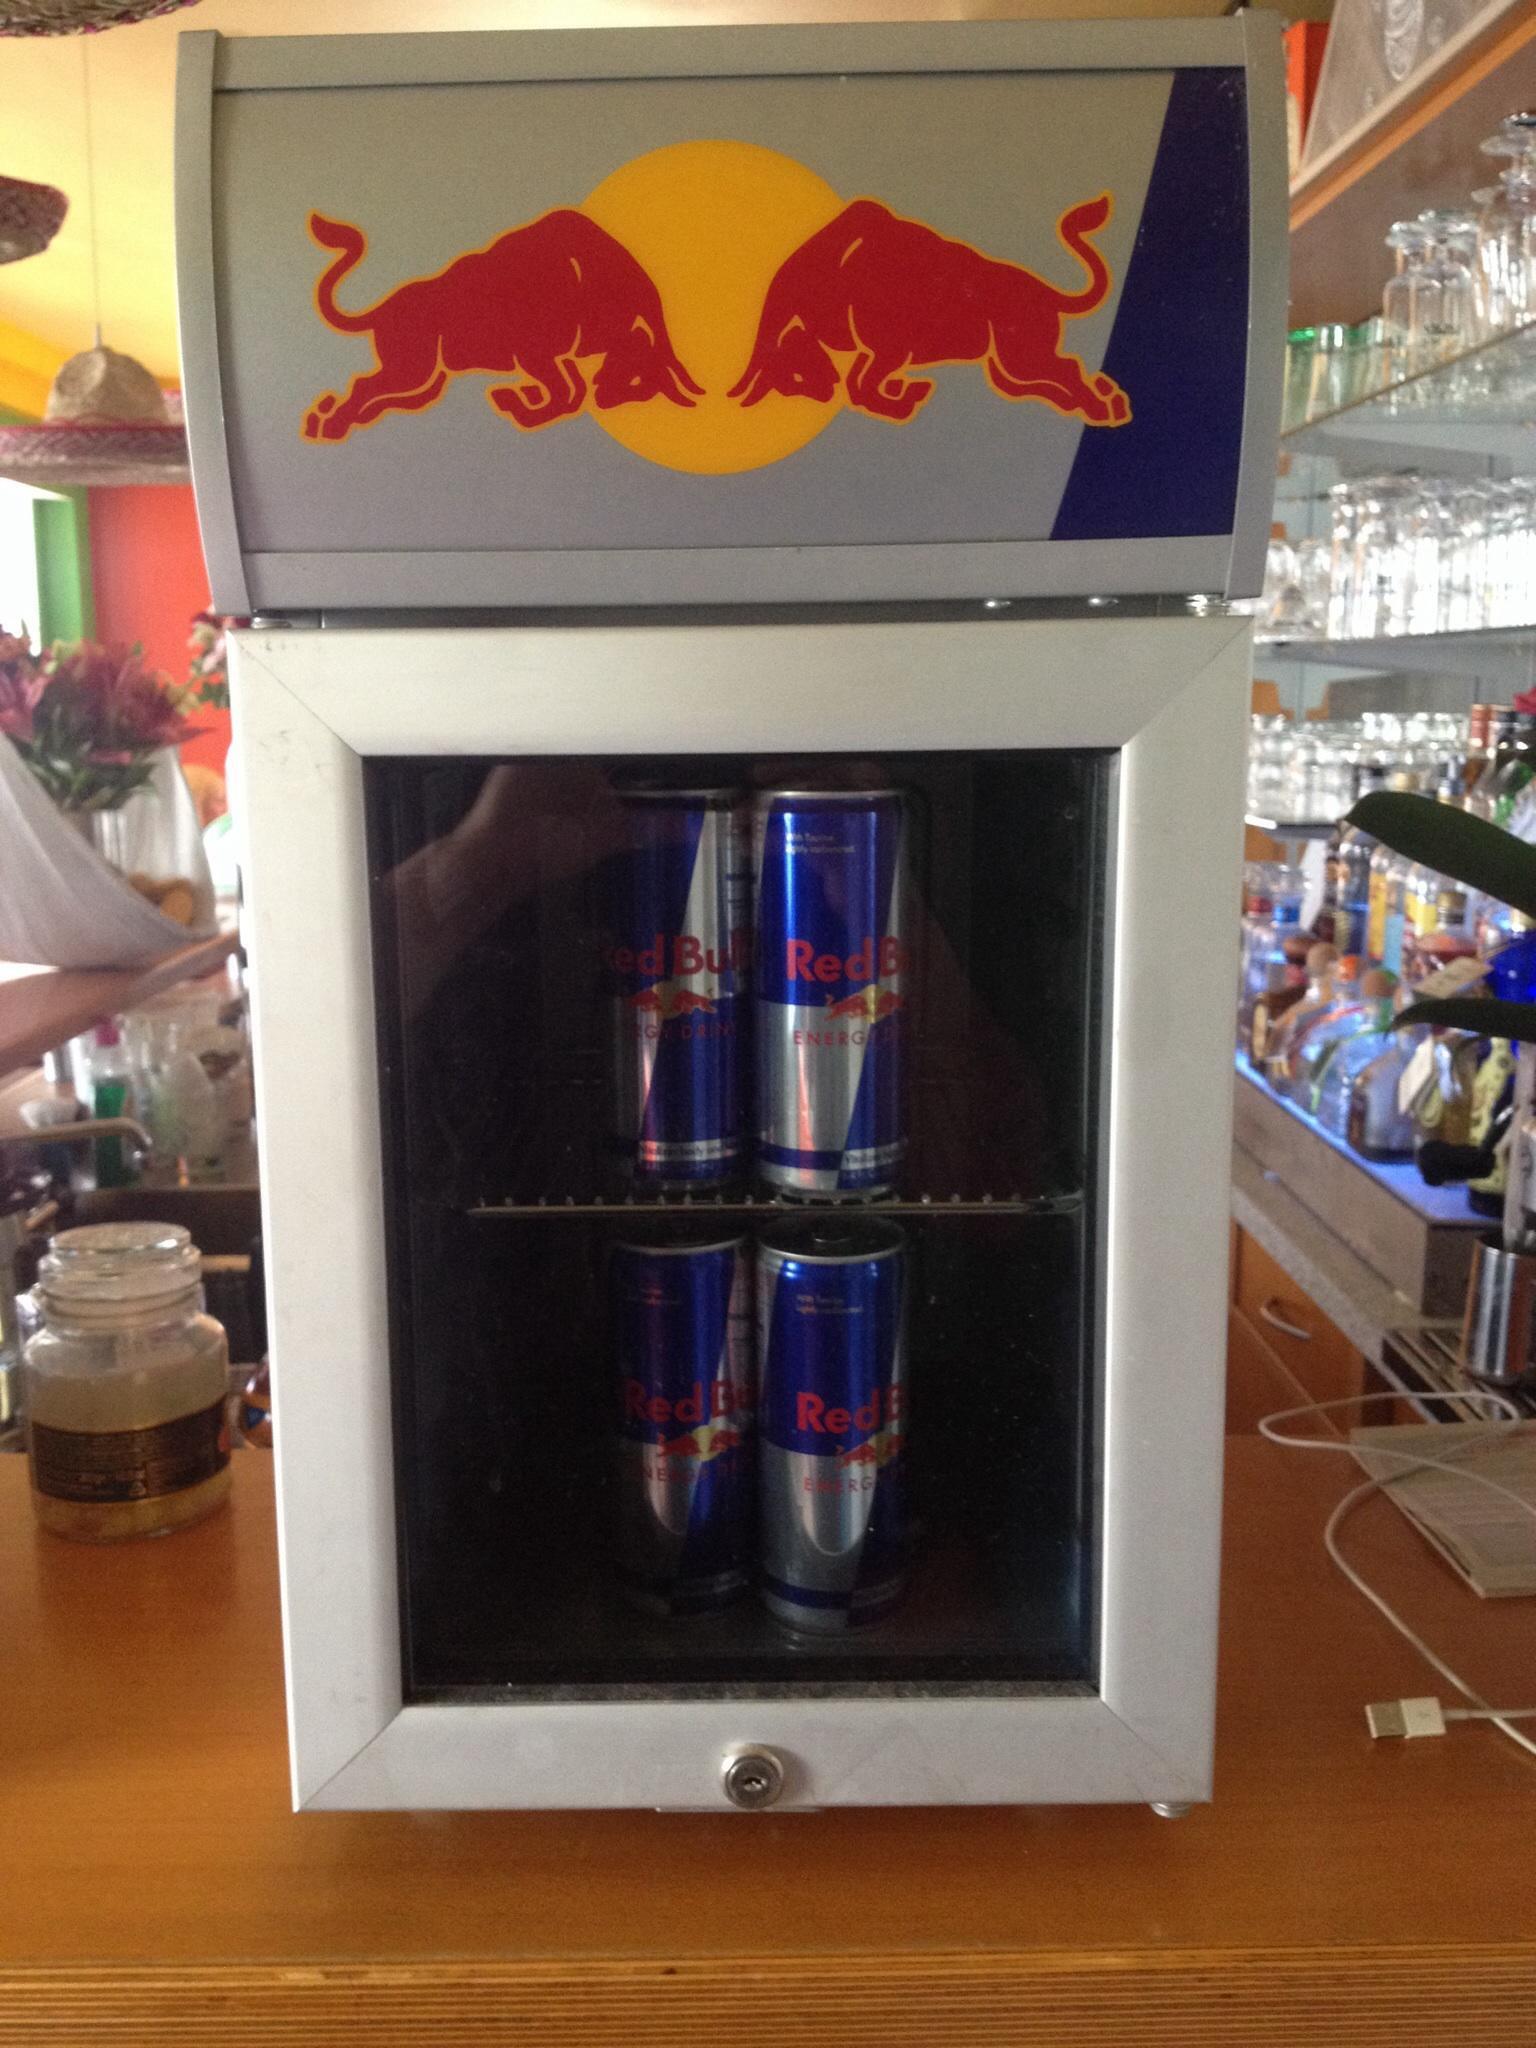 Red Bull Mini Kühlschrank : Gebraucht redbull mini kühlschrank in waldmohr um u ac